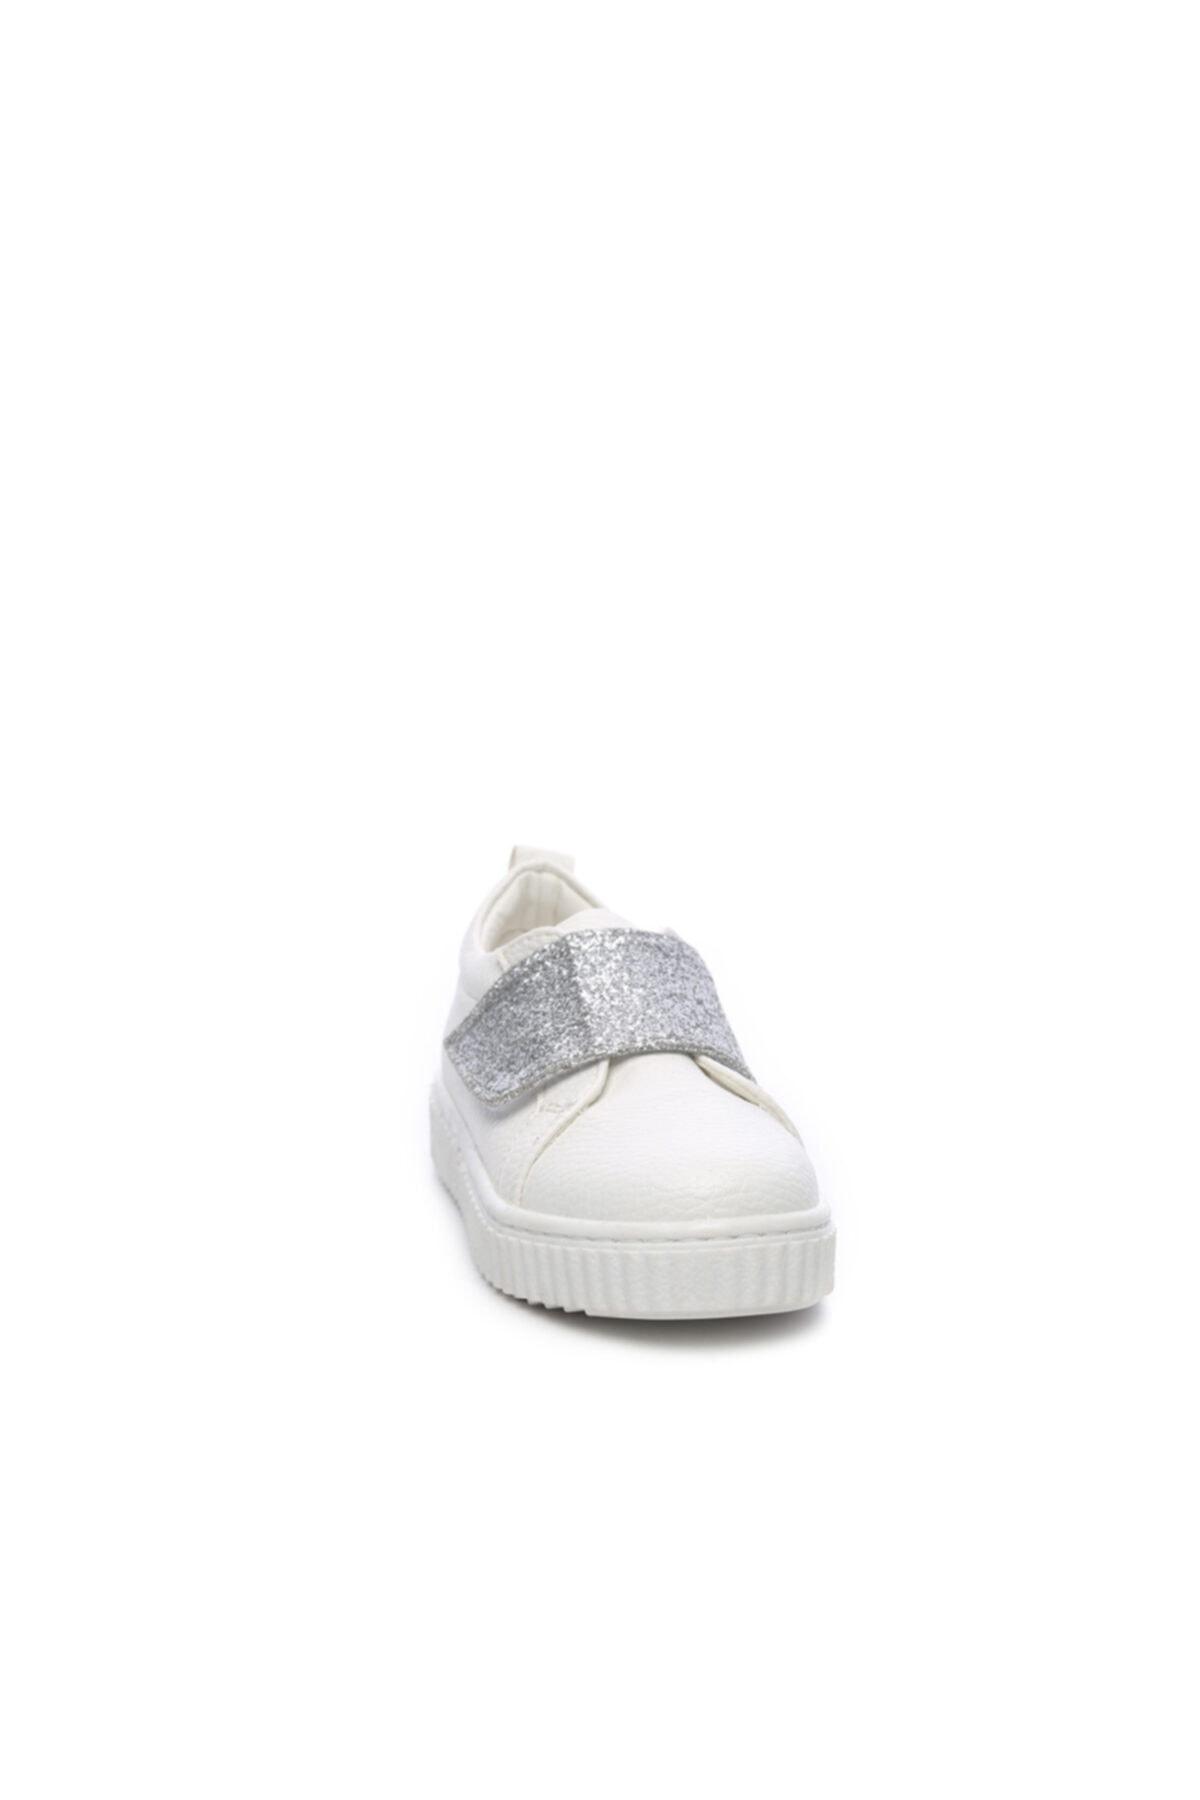 Kemal Tanca Çocuk Vegan Çocuk Ayakkabı Ayakkabı 712 24 Cck 22-31 Y19